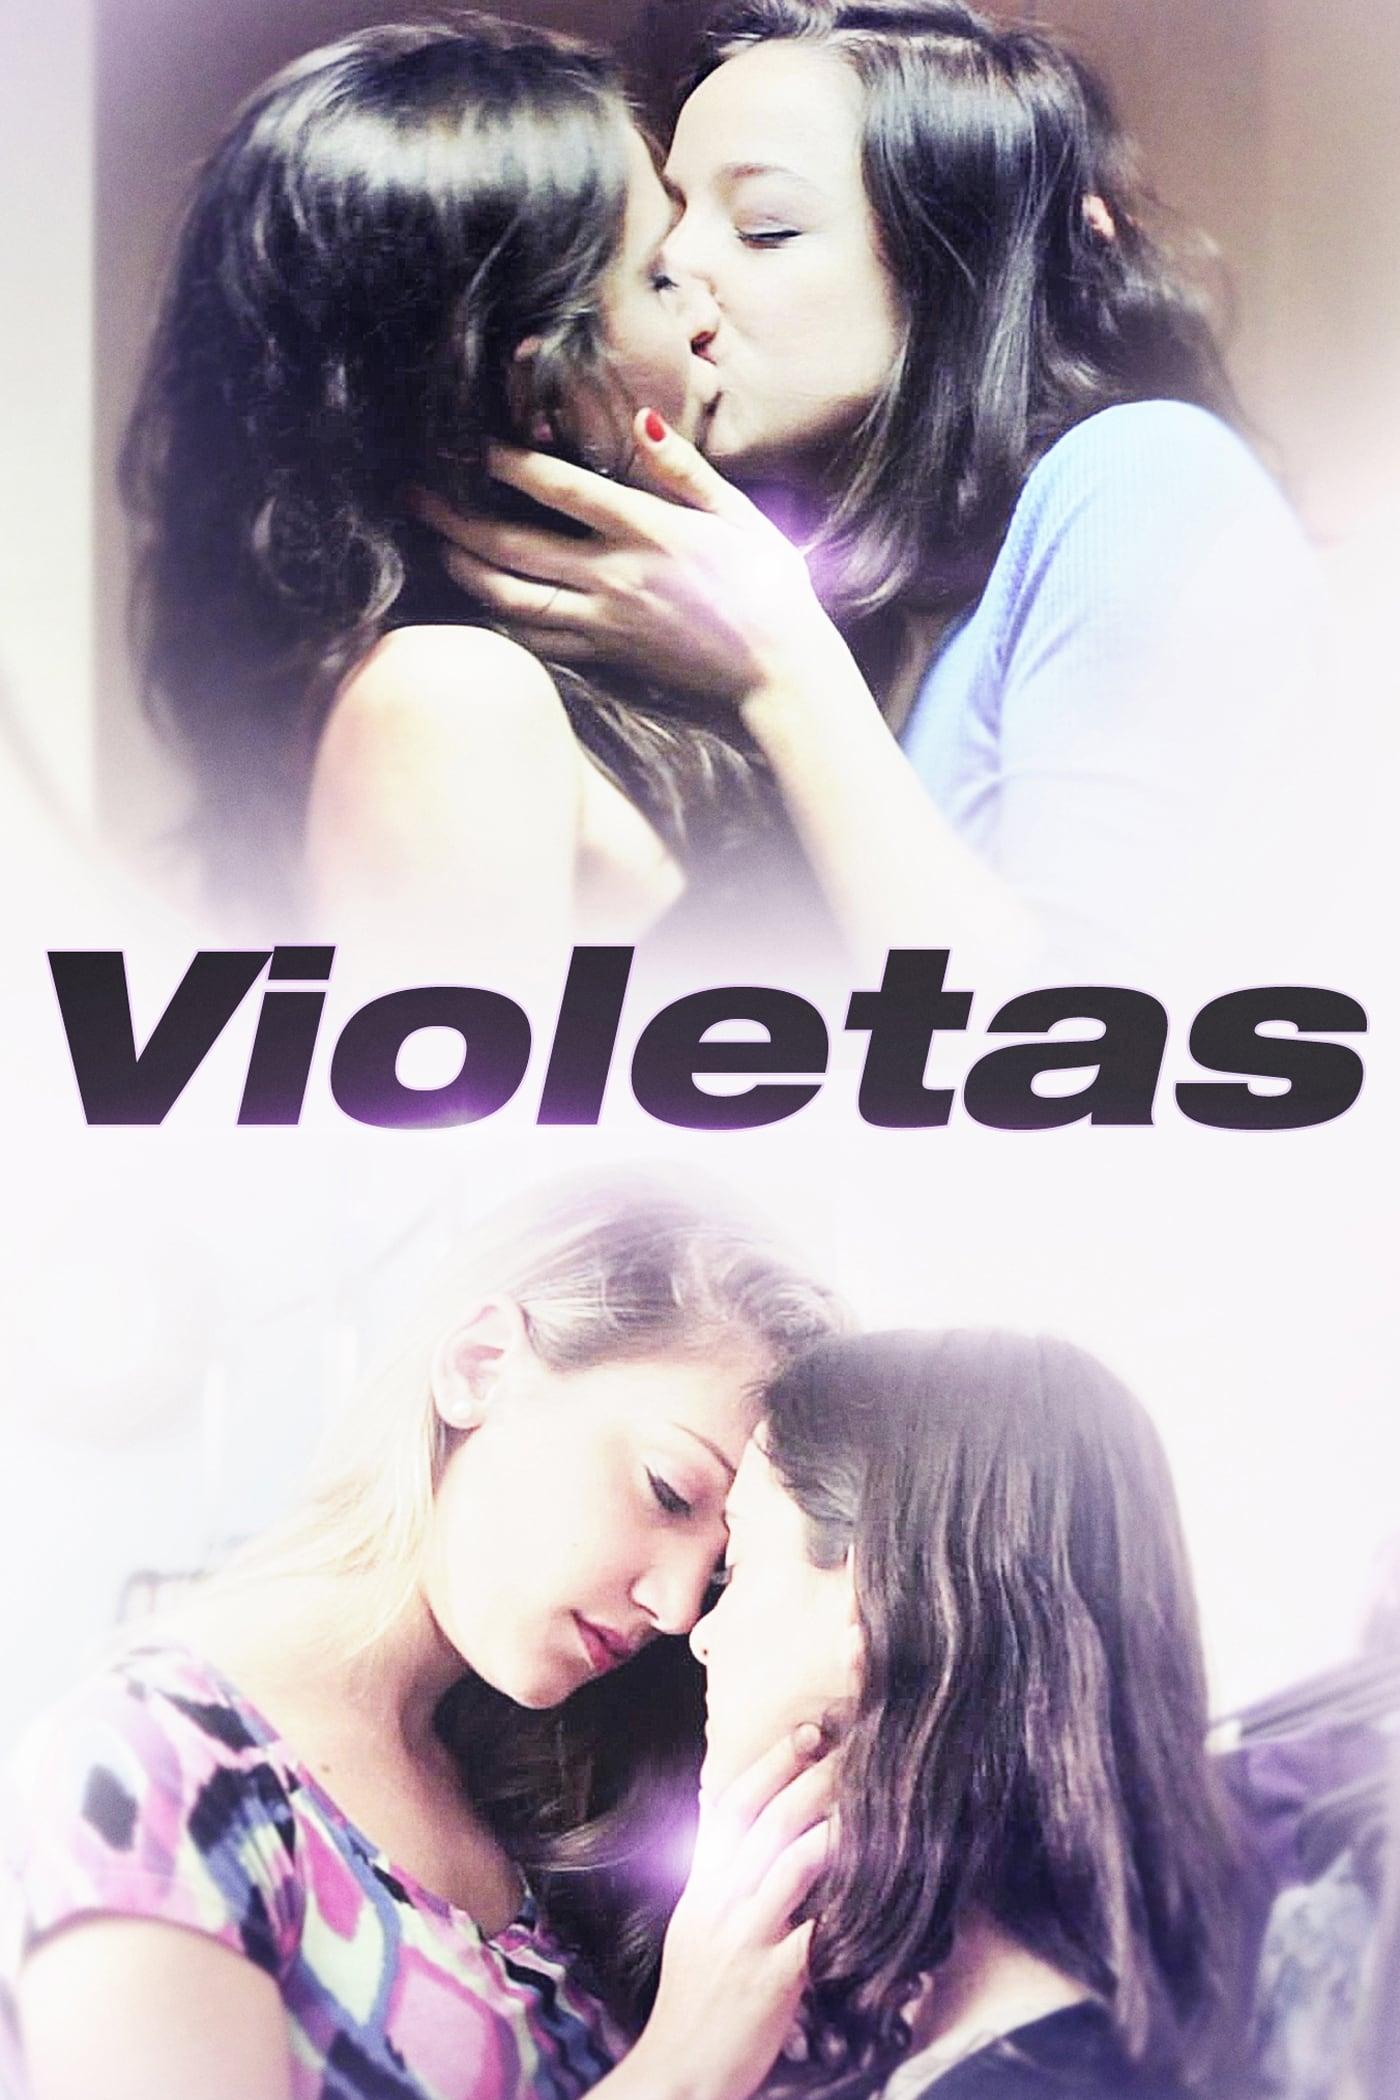 Sexual Tension: Violetas